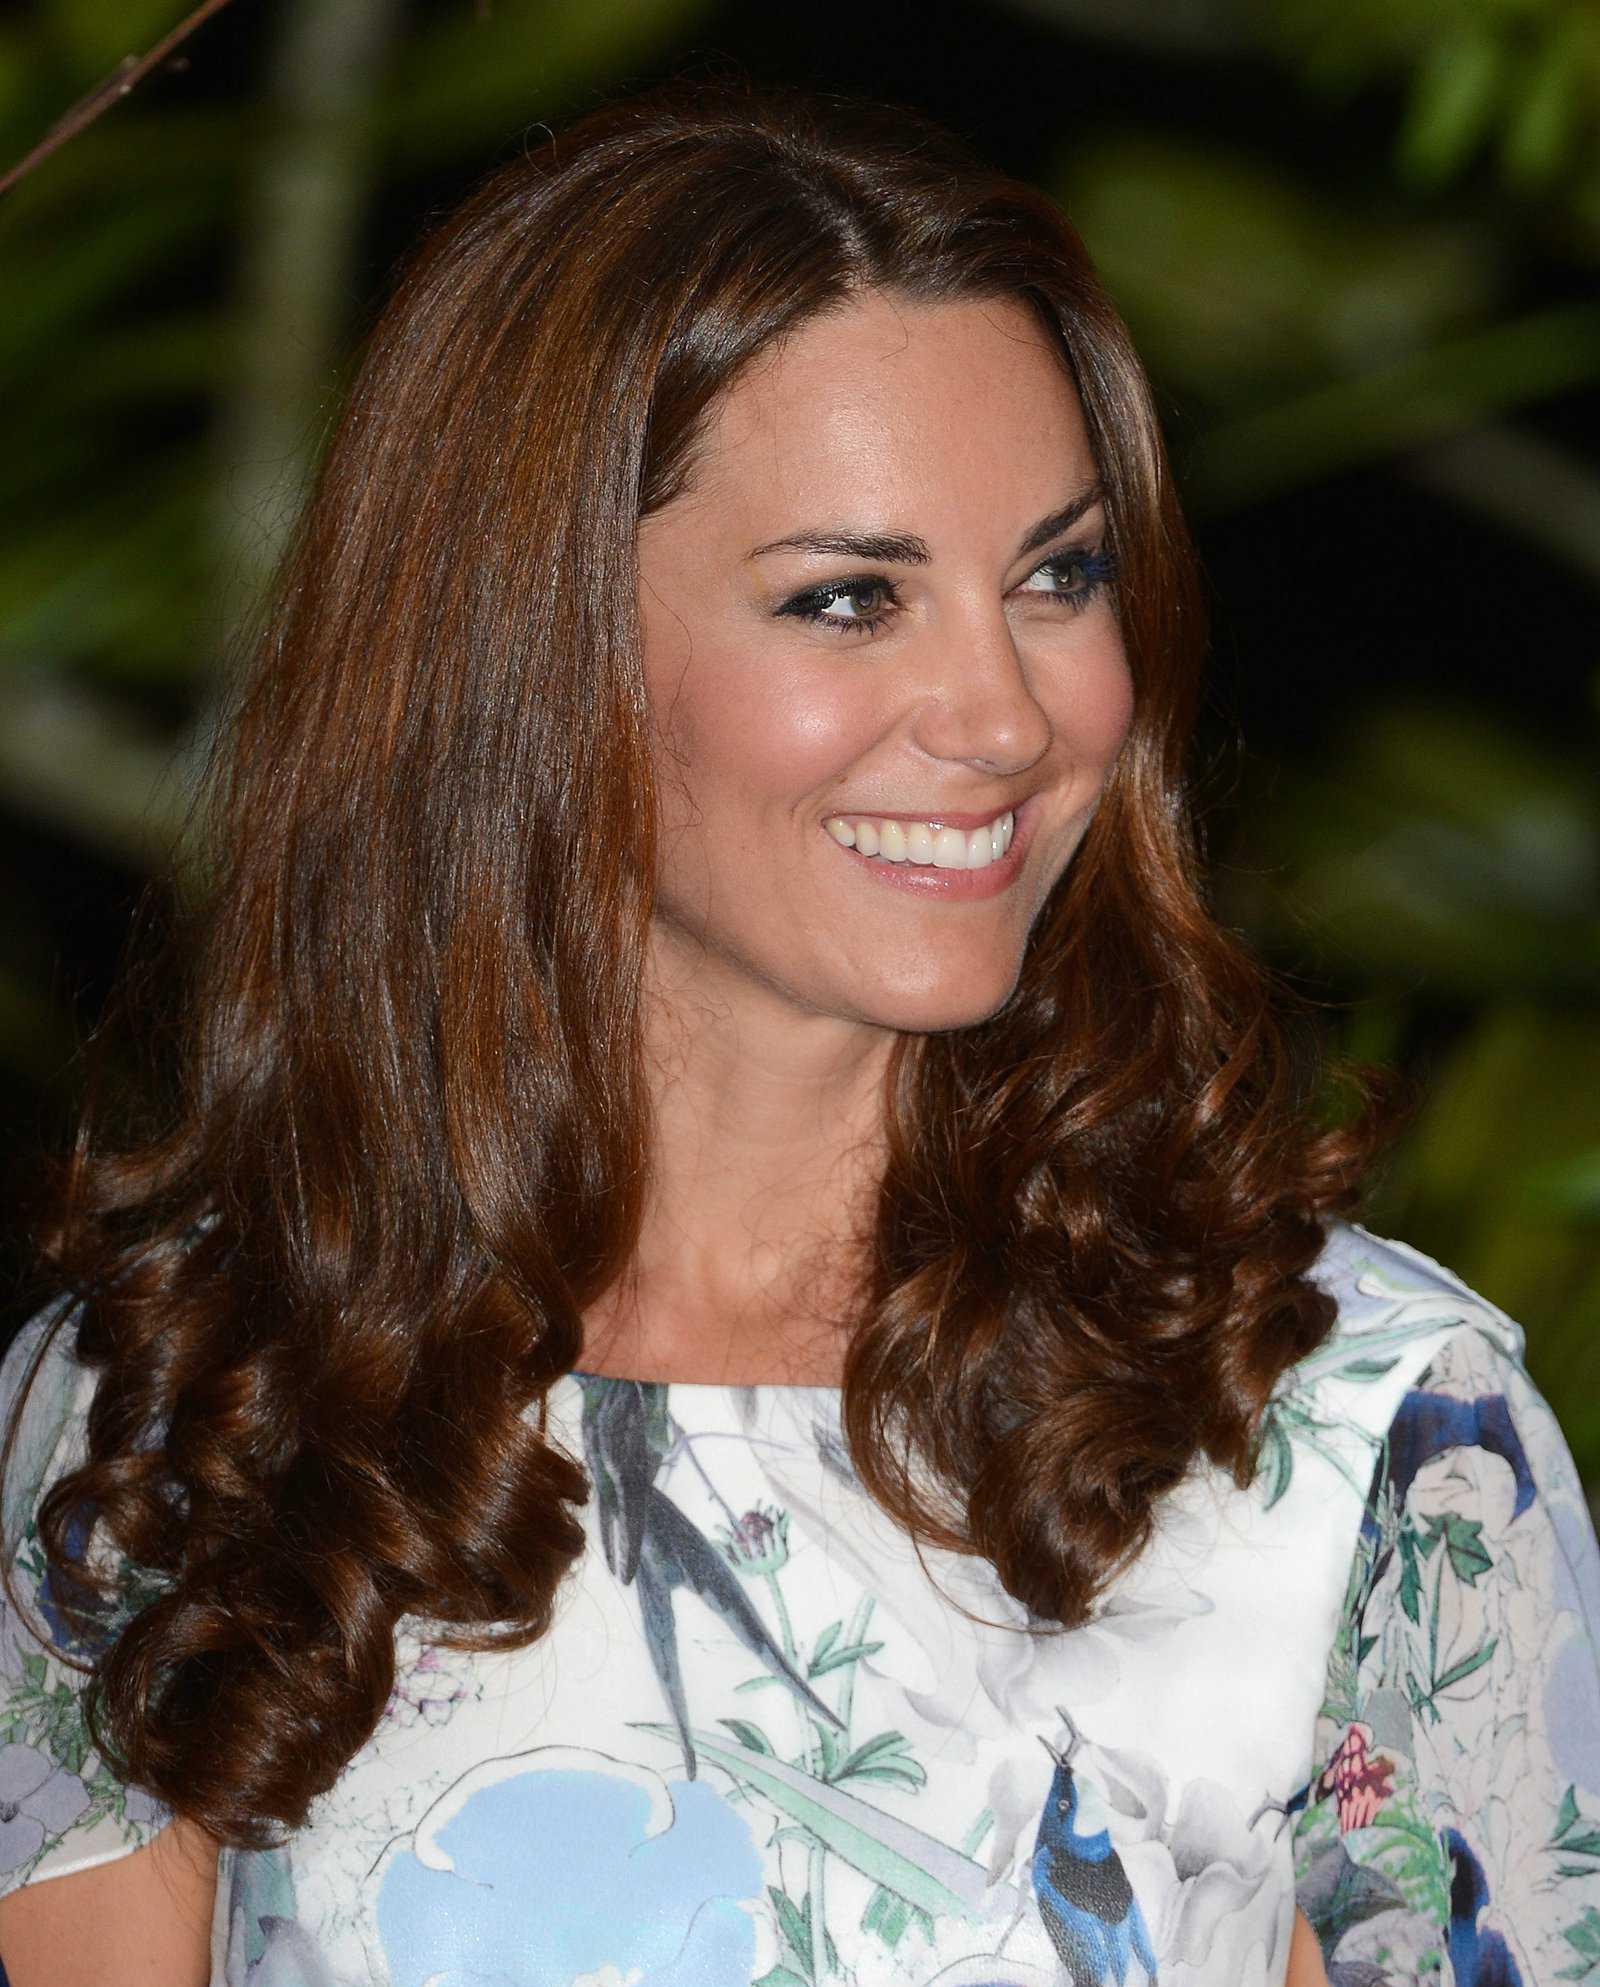 of cambridge catherine duchess of cambridge photo 561216 2 vote